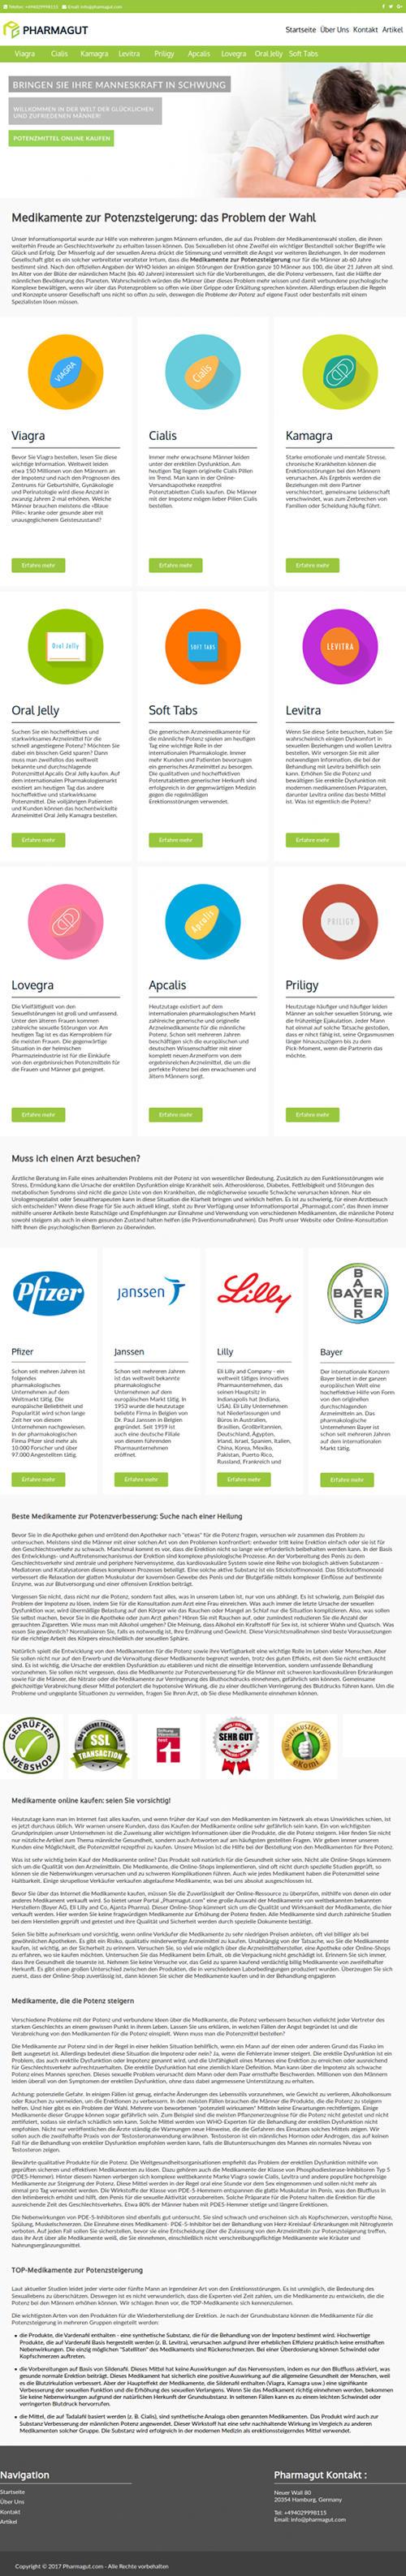 Screenshot der Startseite der Website: Es gibt nur Potenzmedikamente und ganz viel ermüdend zu lesenden Text.